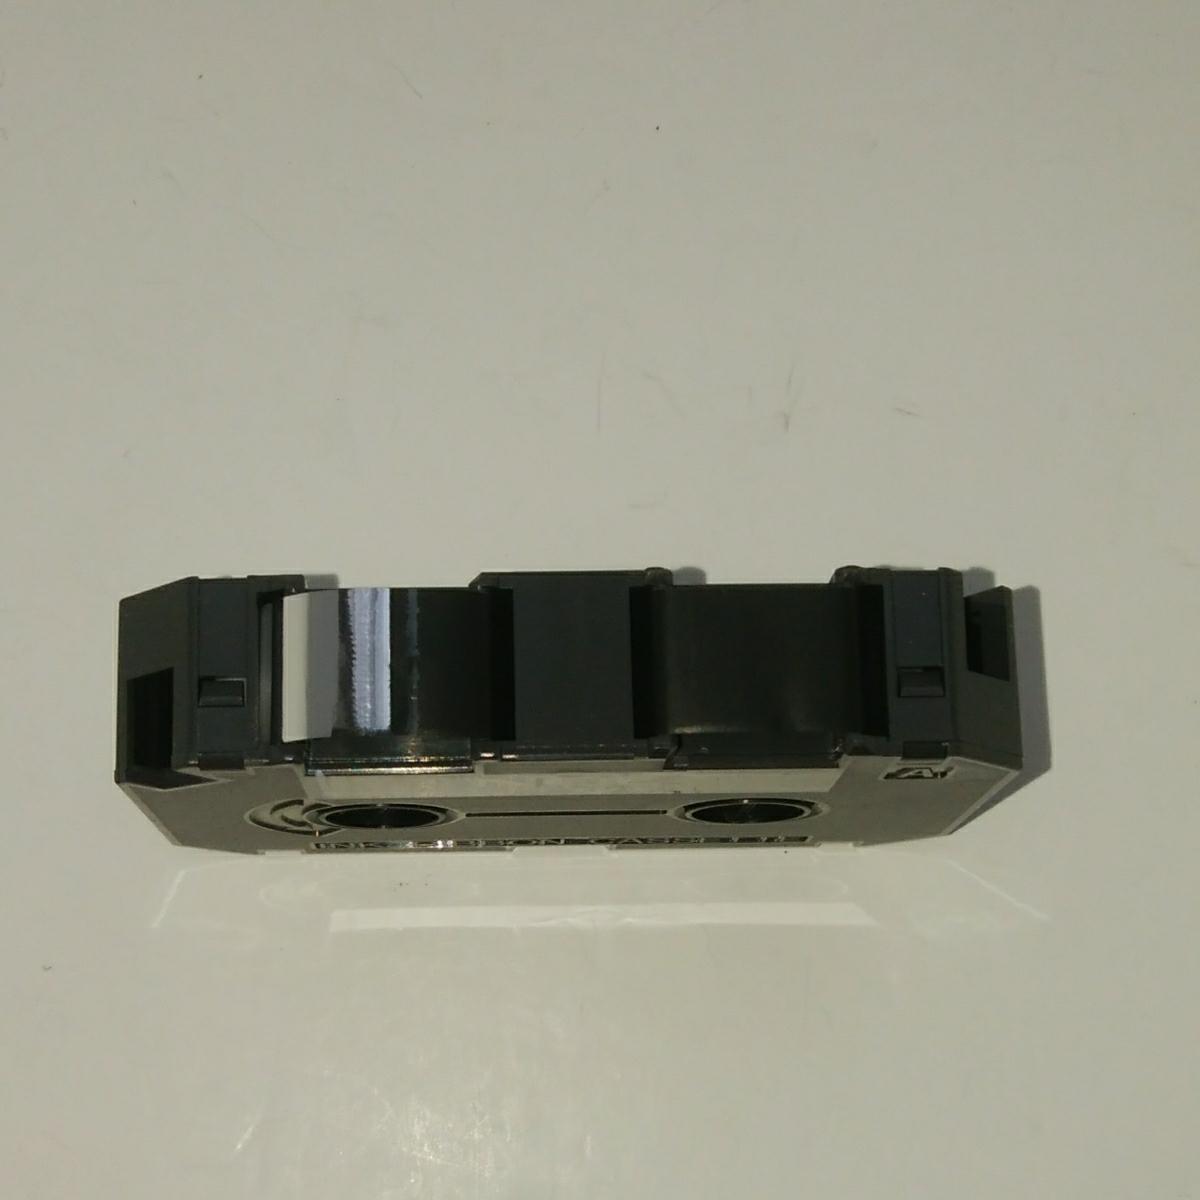 【未使用】NEC ワープロ共通インクリボン タイプW 黒 IR-W-B 1個_画像5